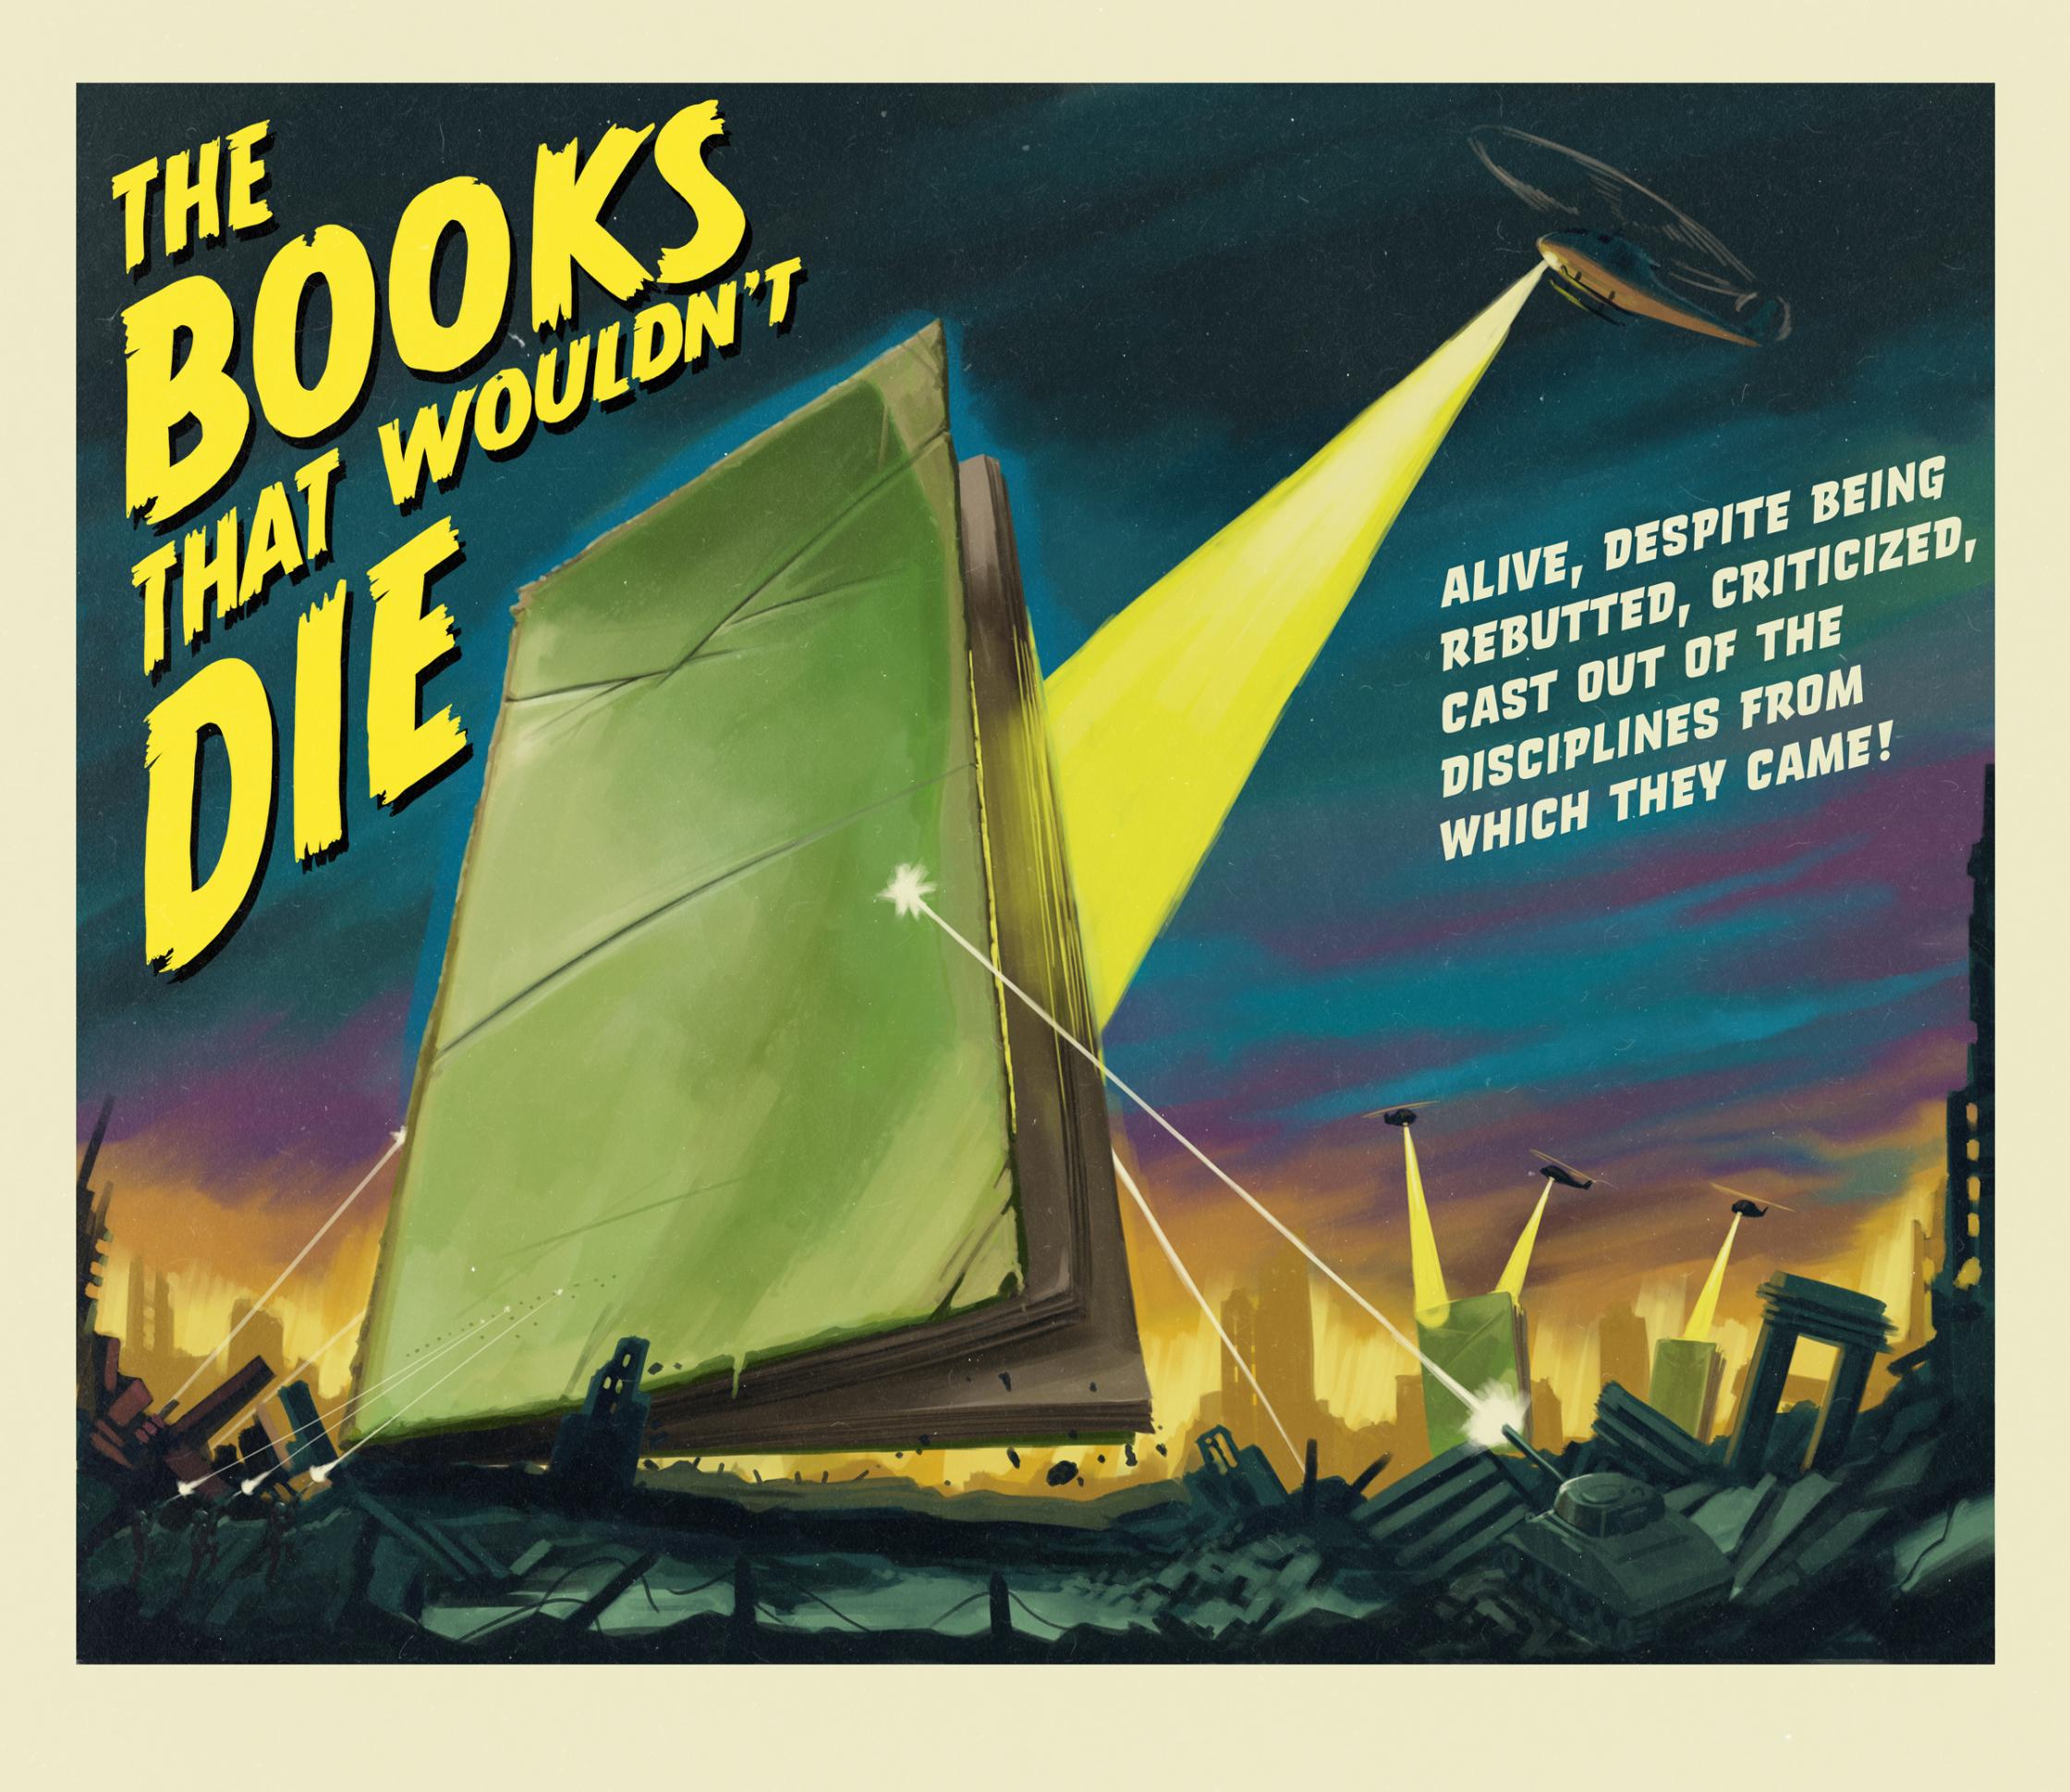 BooksFinal.jpg